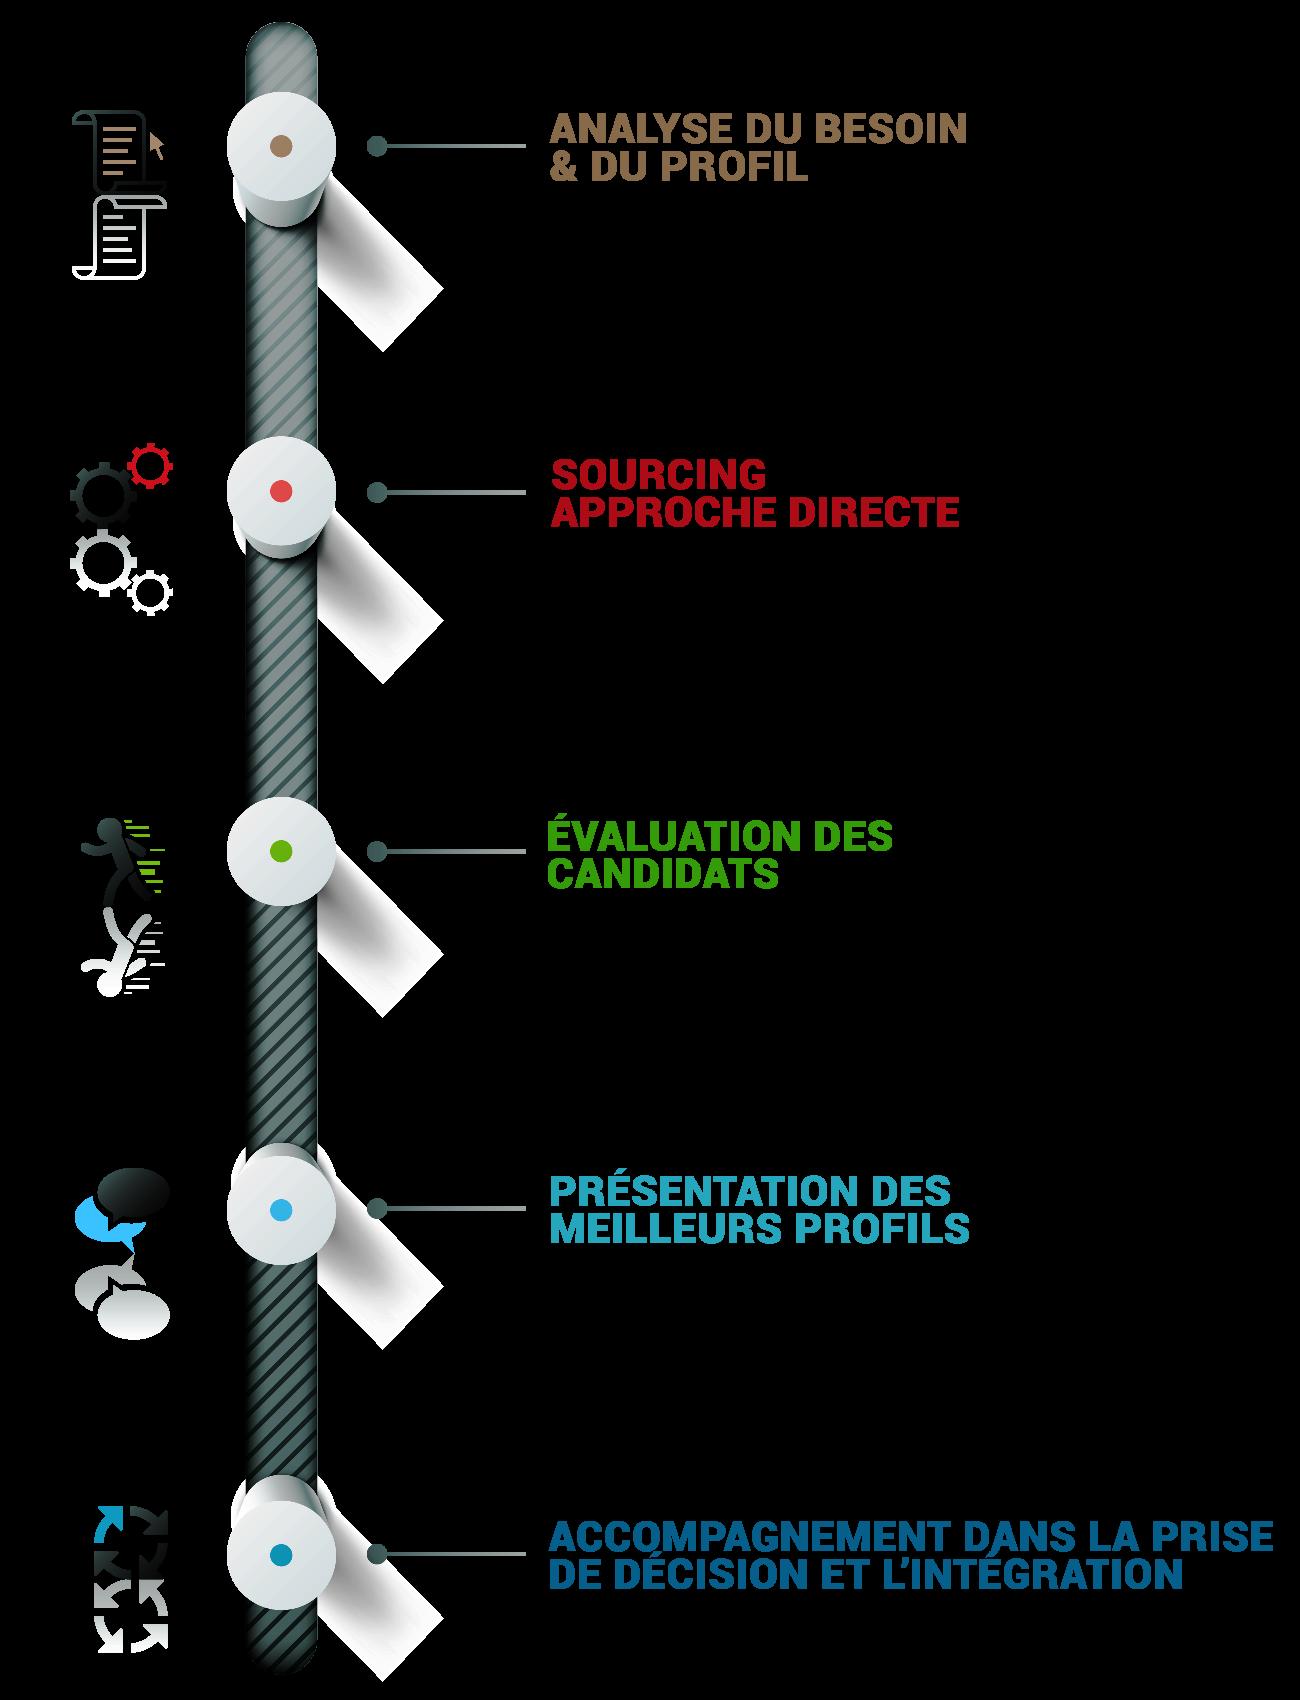 https://altemis-conseil.fr/wp-content/uploads/2015/09/Altémis-infographie-méthode-de-recrutement-1-1.png